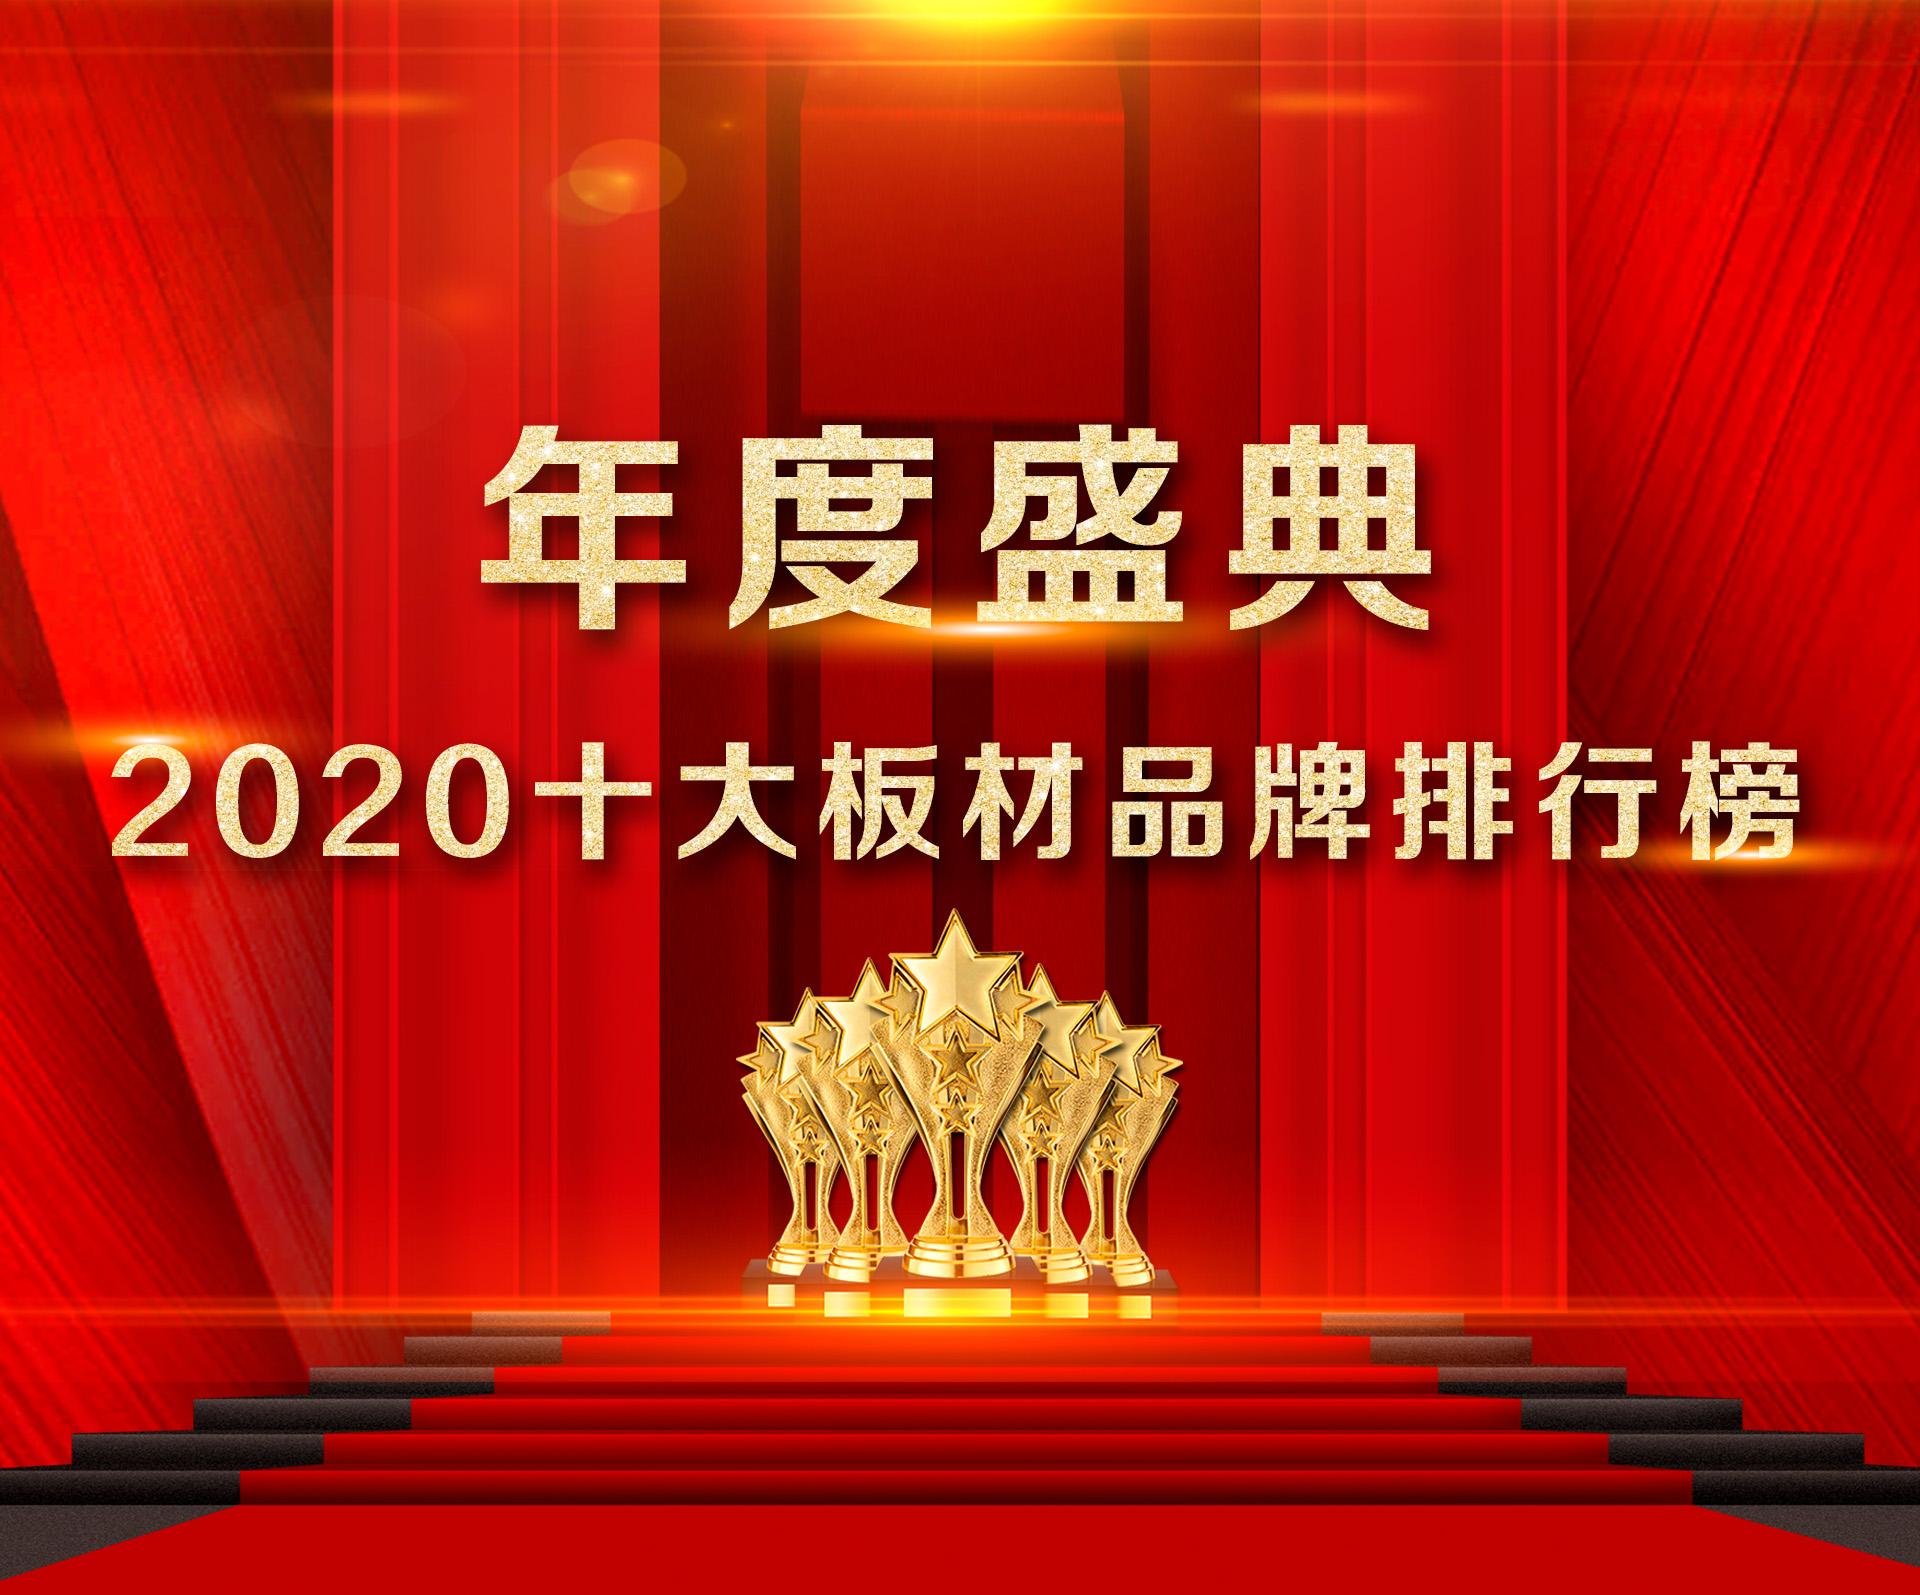 2020年度中国十大板材品牌网络评选活动